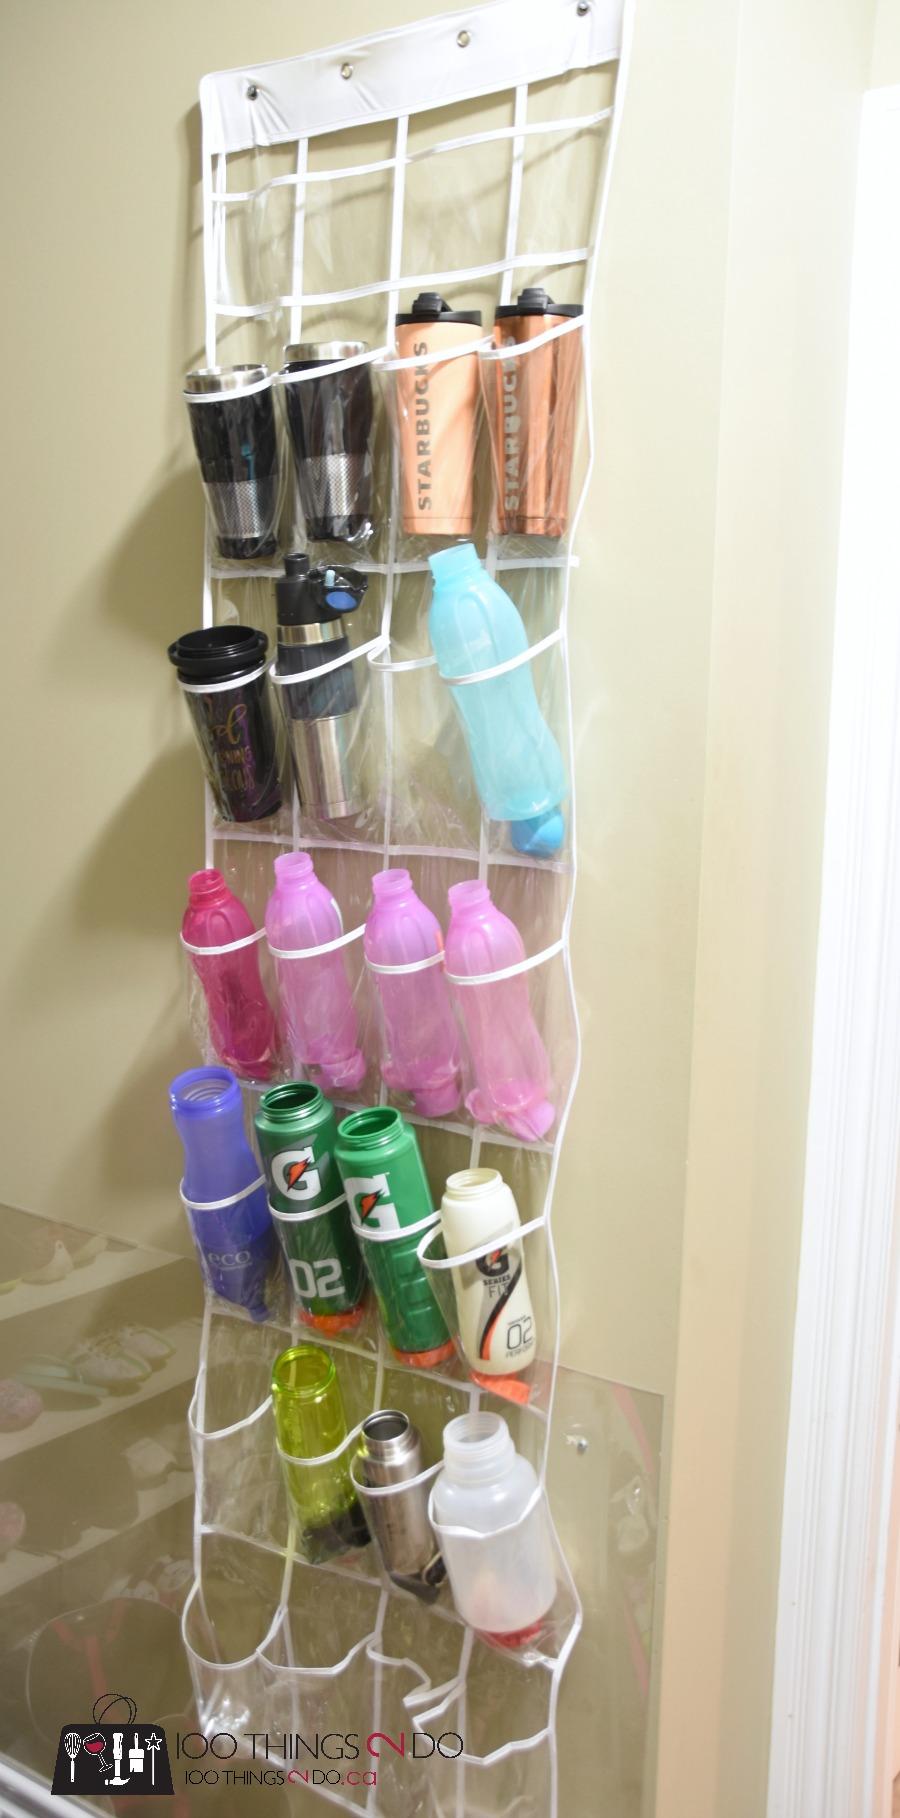 Water bottle storage, organizing water bottles, storing sports bottles, storing water bottles, waterbottle